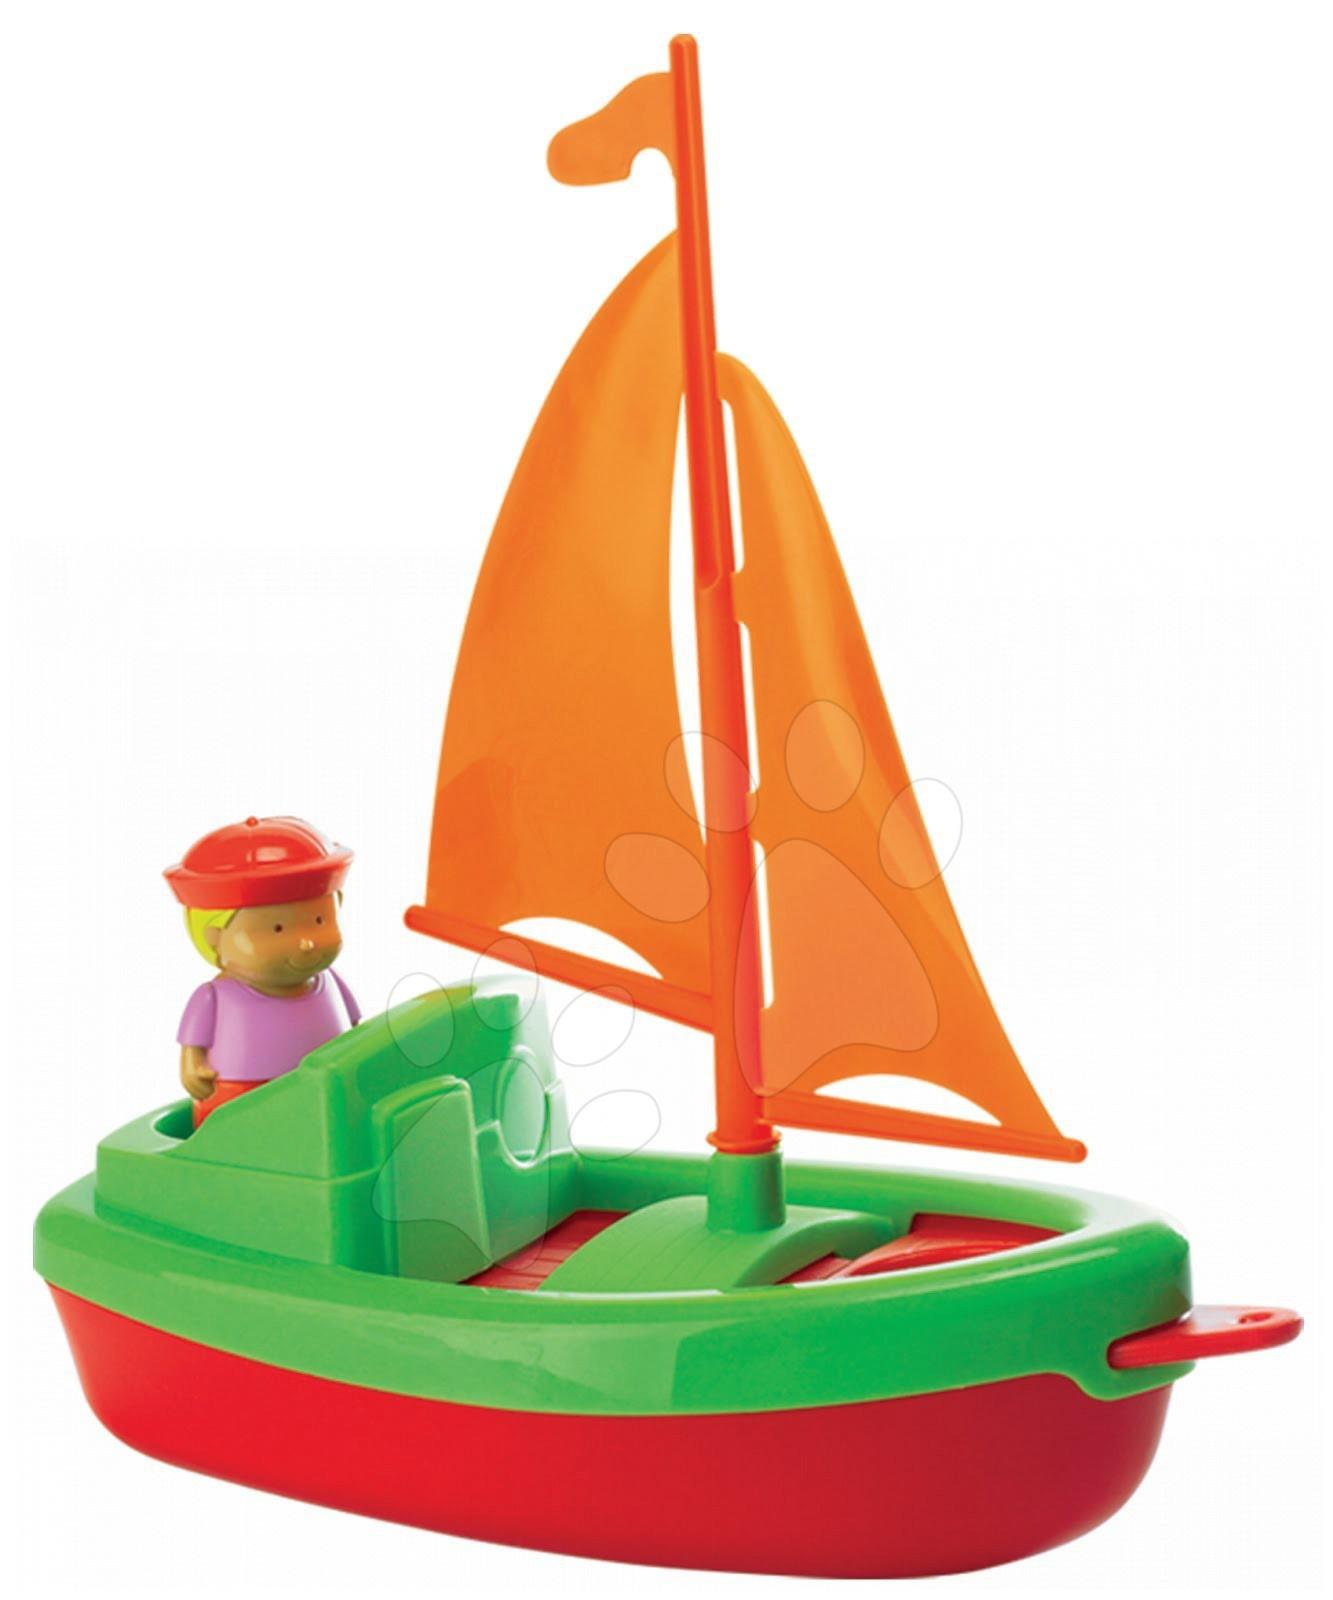 Staré položky - Plachetnice s námořníkem Écoiffier (délka 24,5 cm) červeno-zelená od 18 měsíců